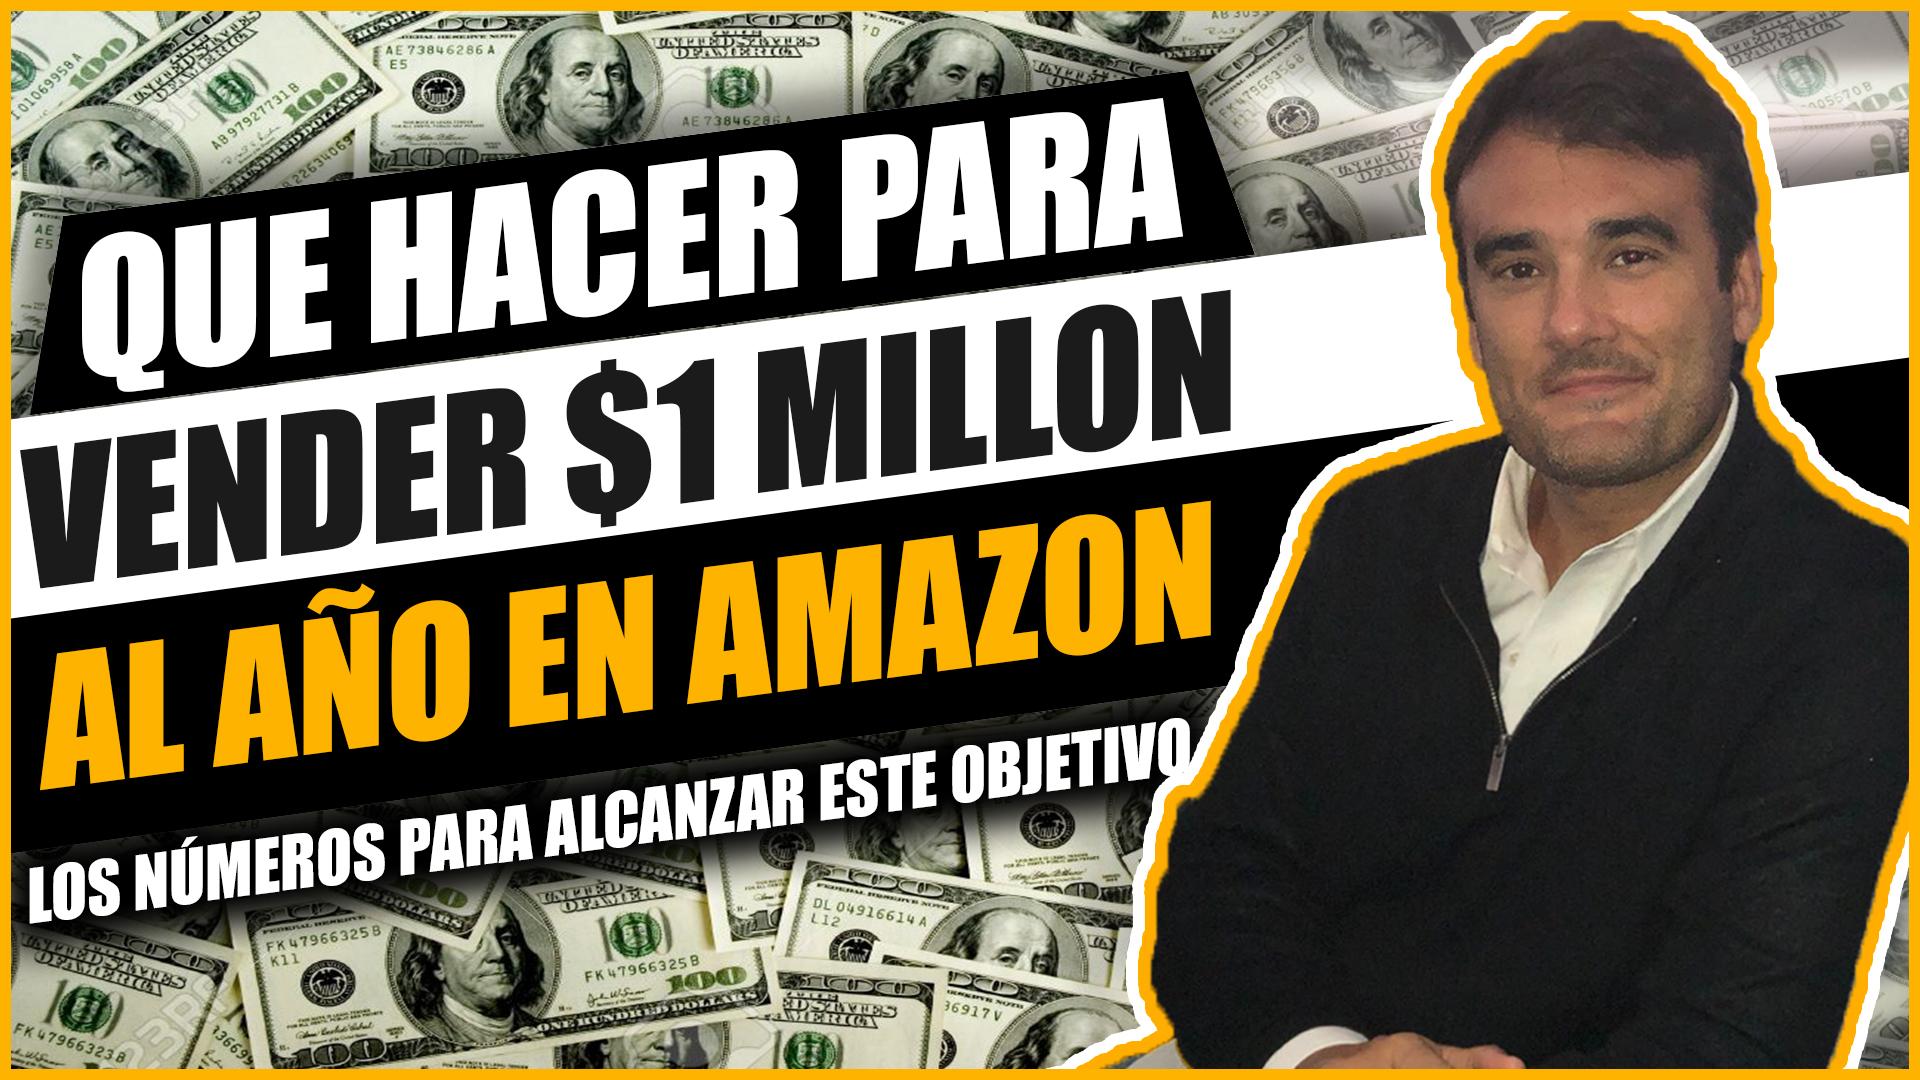 QUE HACER PARA VENDER $1 MILLON AL AÑO EN AMAZON